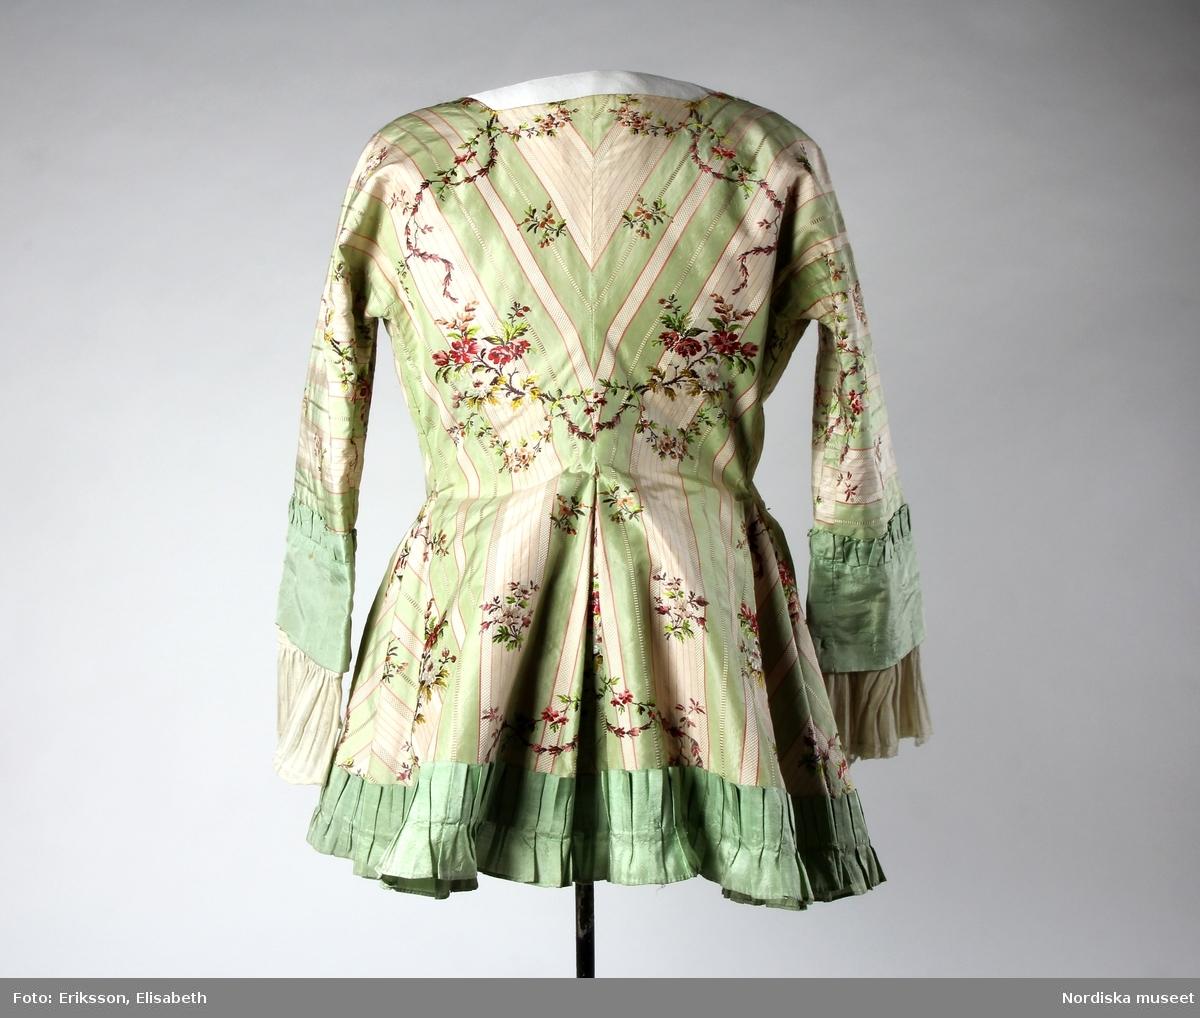 Katalogkort: Kofta 1780-talet för fru J.Keyser f. Halling 1751-1797, gift 1770. Av bredrandig vit och ljusgrön taft med smala röda linjer samt glesa, slingrande blomrankor i färger. Helt fodrad med ljusrött glättat linnetyg. Koftan består endast av två stycken ( halva ryggen, ärmen och motsvarande stycke i ett, utan axelsöm, endast ryggsöm och sidsöm som övergår i ärmens innersöm.) hopknuten med rosetter kant i kant mitt fram med tre par breda ljusgröna sidenband. Kanten nedtill rundskuren med inlagda veck i rygg och sidor samt kilar i framstyckena. Ett veckat rysch av ljusgrön taft är påsytt runt kanten nedtill från den nedersta rosetten. Ärmen går över armbågen med bred manschett av ljusgrön taft med smalt veckat rysch i överkanten. Rynkade enkla engageanter av glest, vitt, randat linnetyg med smal knypplad spets i kanten. Obetydligt lagad å ärmarna. Byst 90 cm, midja 80 cm. Tygets vådbredd minst 56 cm, tygåtgång vid denna bredd 2,55 m.